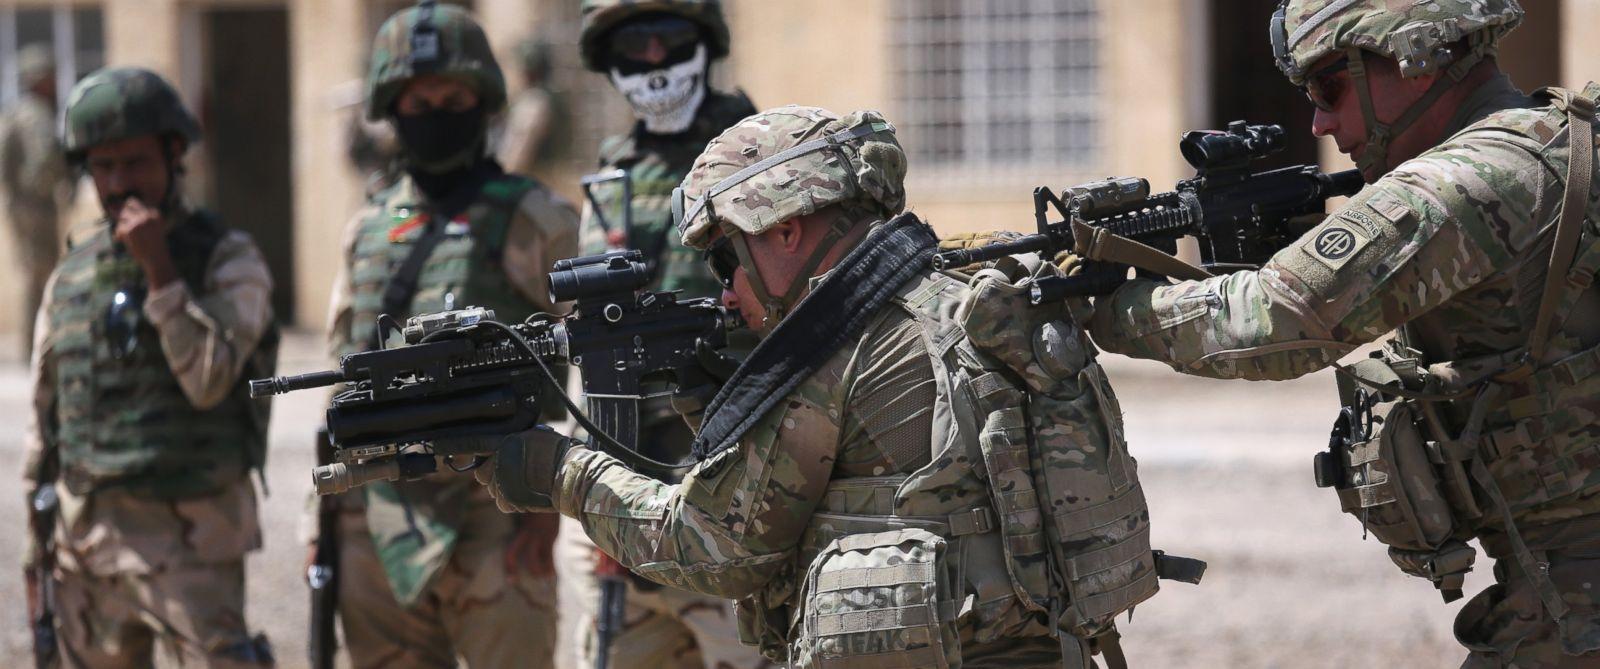 Американские военные в Сирии скоро доиграются: военные США чуть не протаранили российскую бронетехнику